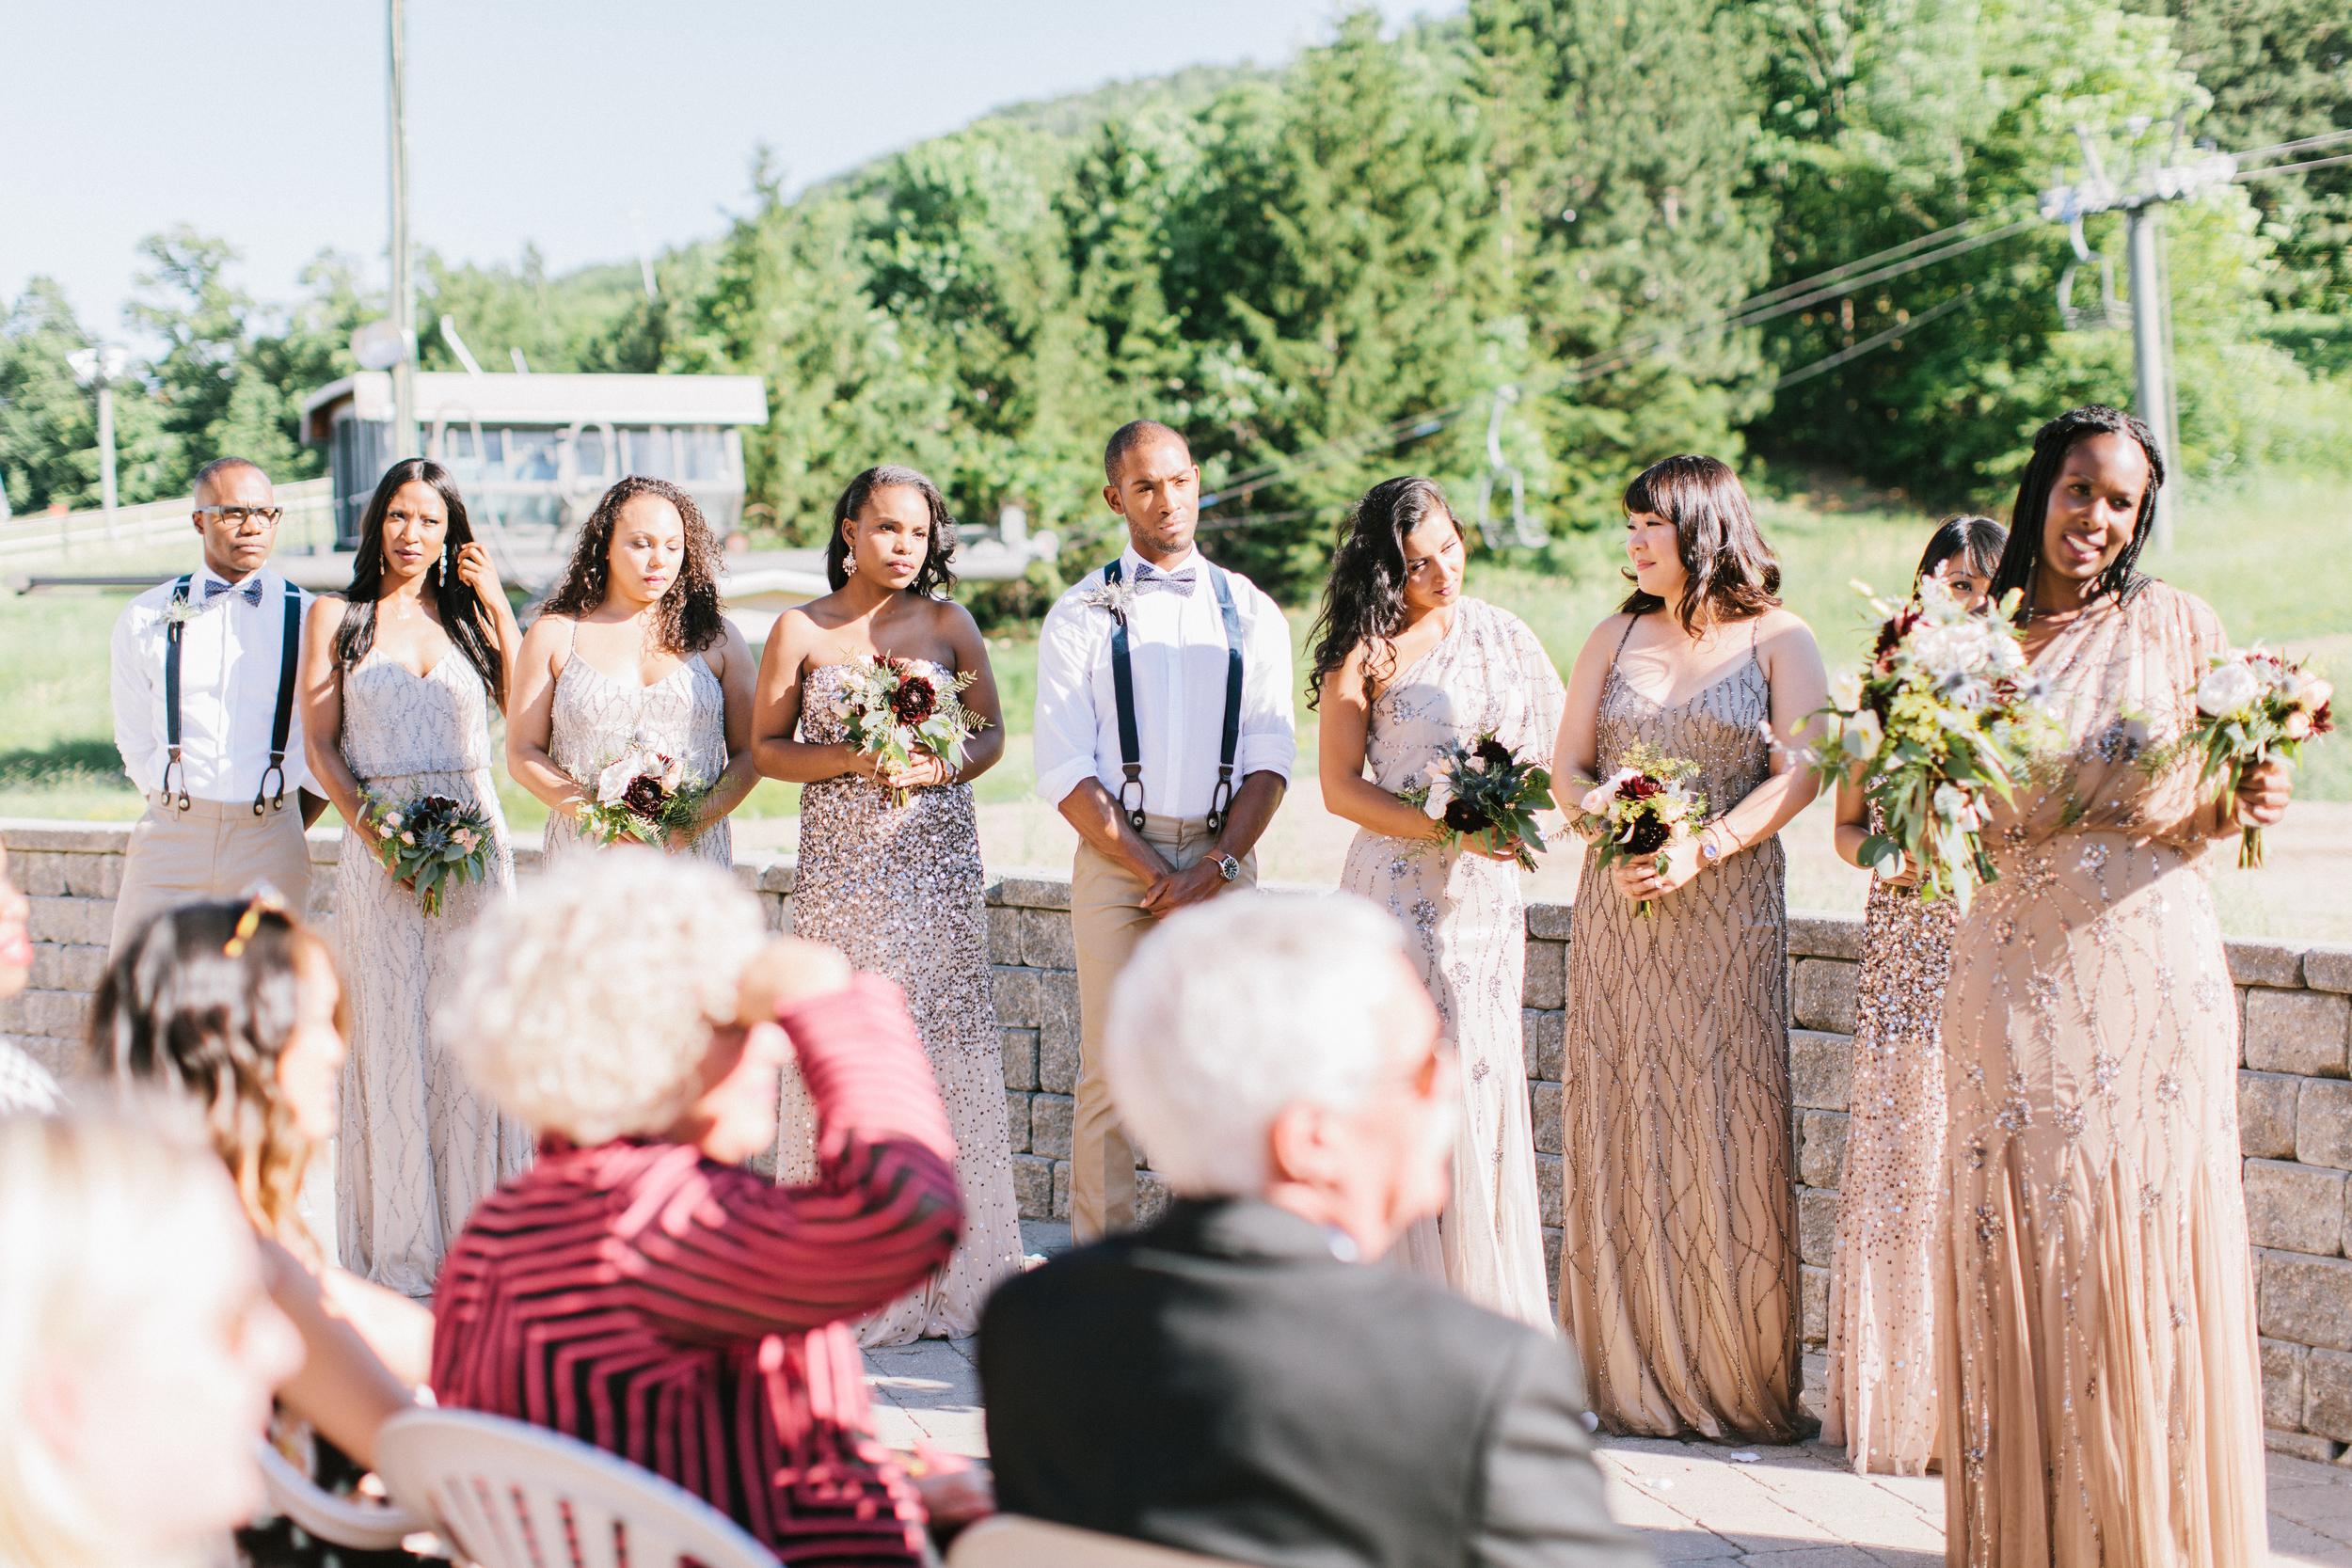 michael-rousseau-photography-shannae-ingleton-wedding-sean-craigleith-ski-club-wedding046.jpg